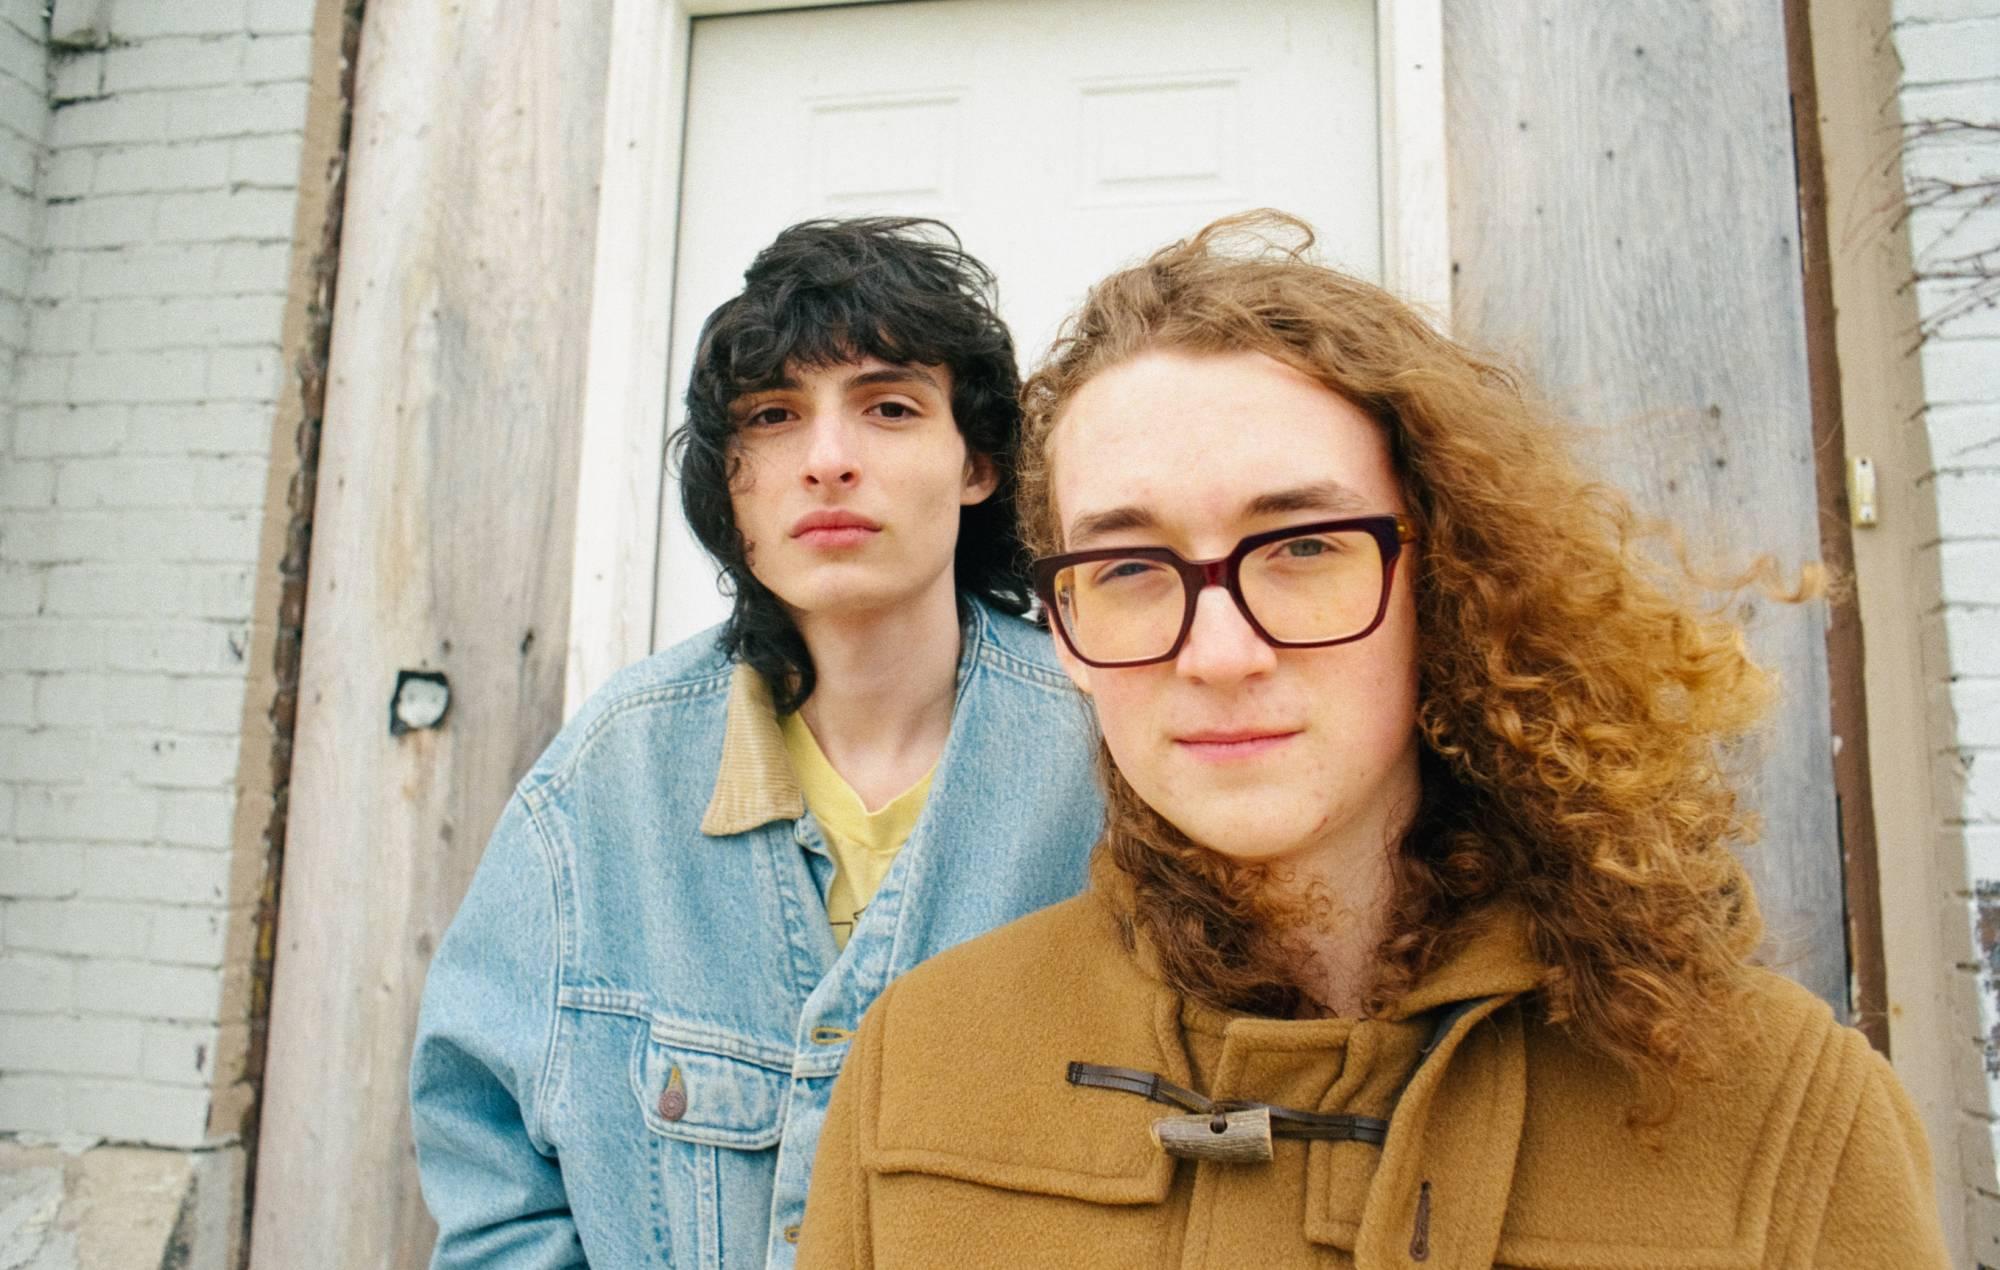 La banda de Finn Wolfhard, The Aubreys, estrena un nuevo